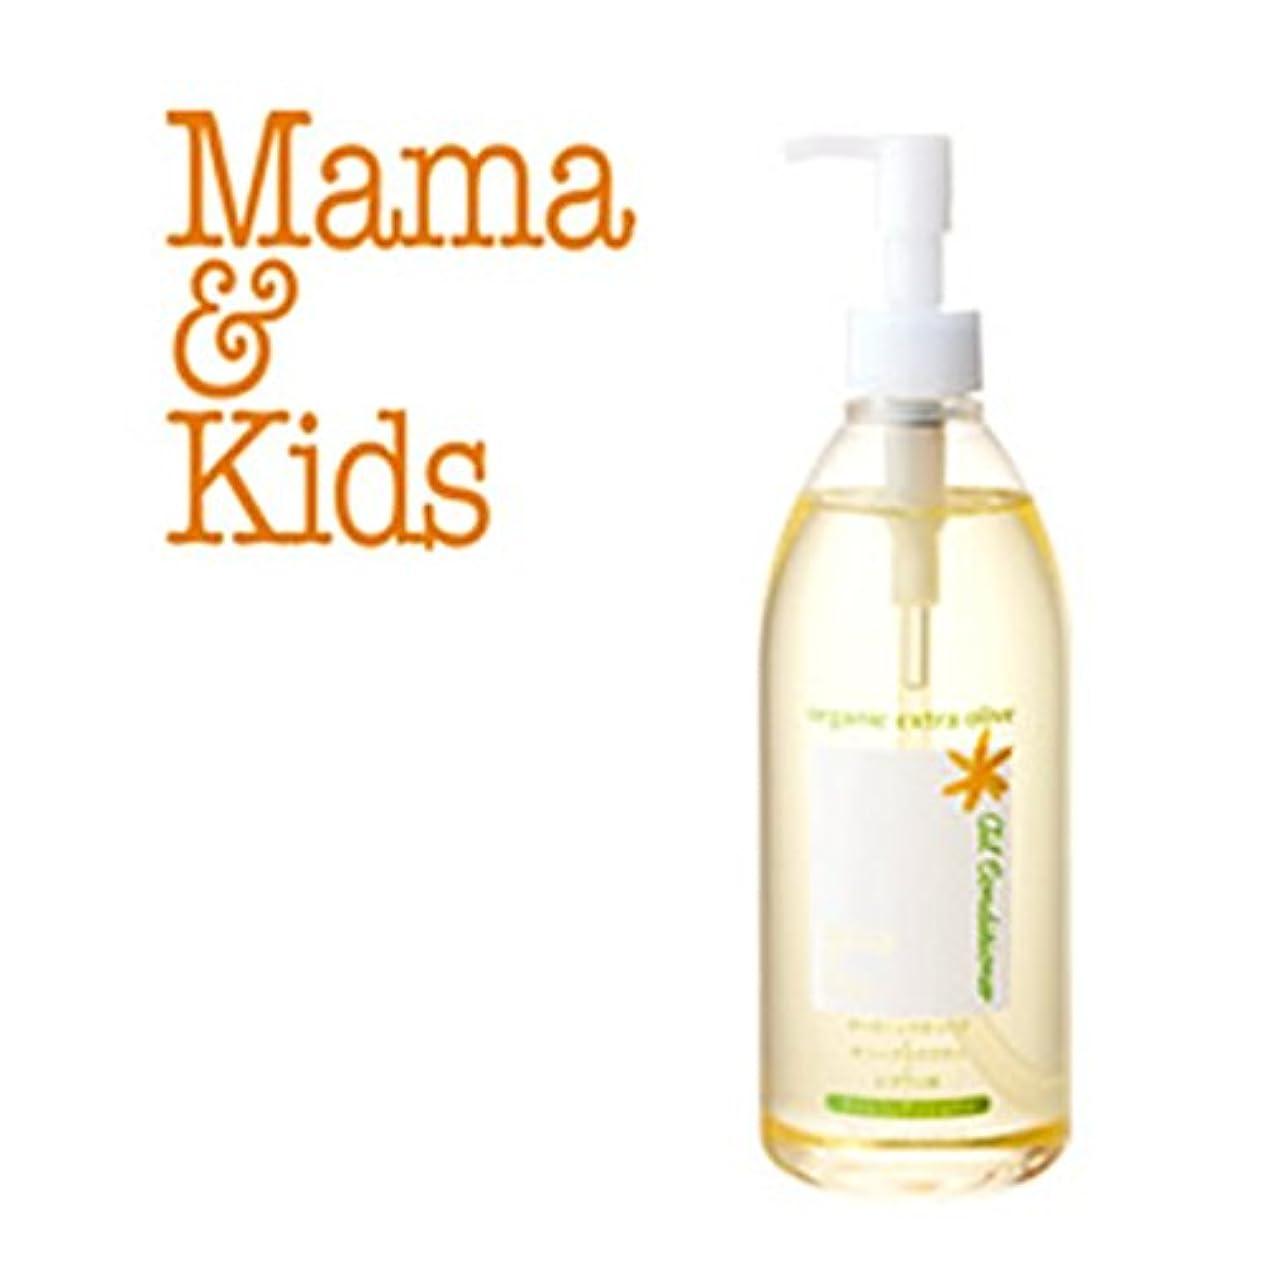 プロフェッショナルご注意防腐剤ママ&キッズ オイルコンディショナーEX 350ML/Mama&Kids Moist Oil Conditioner/高保湿橄榄油